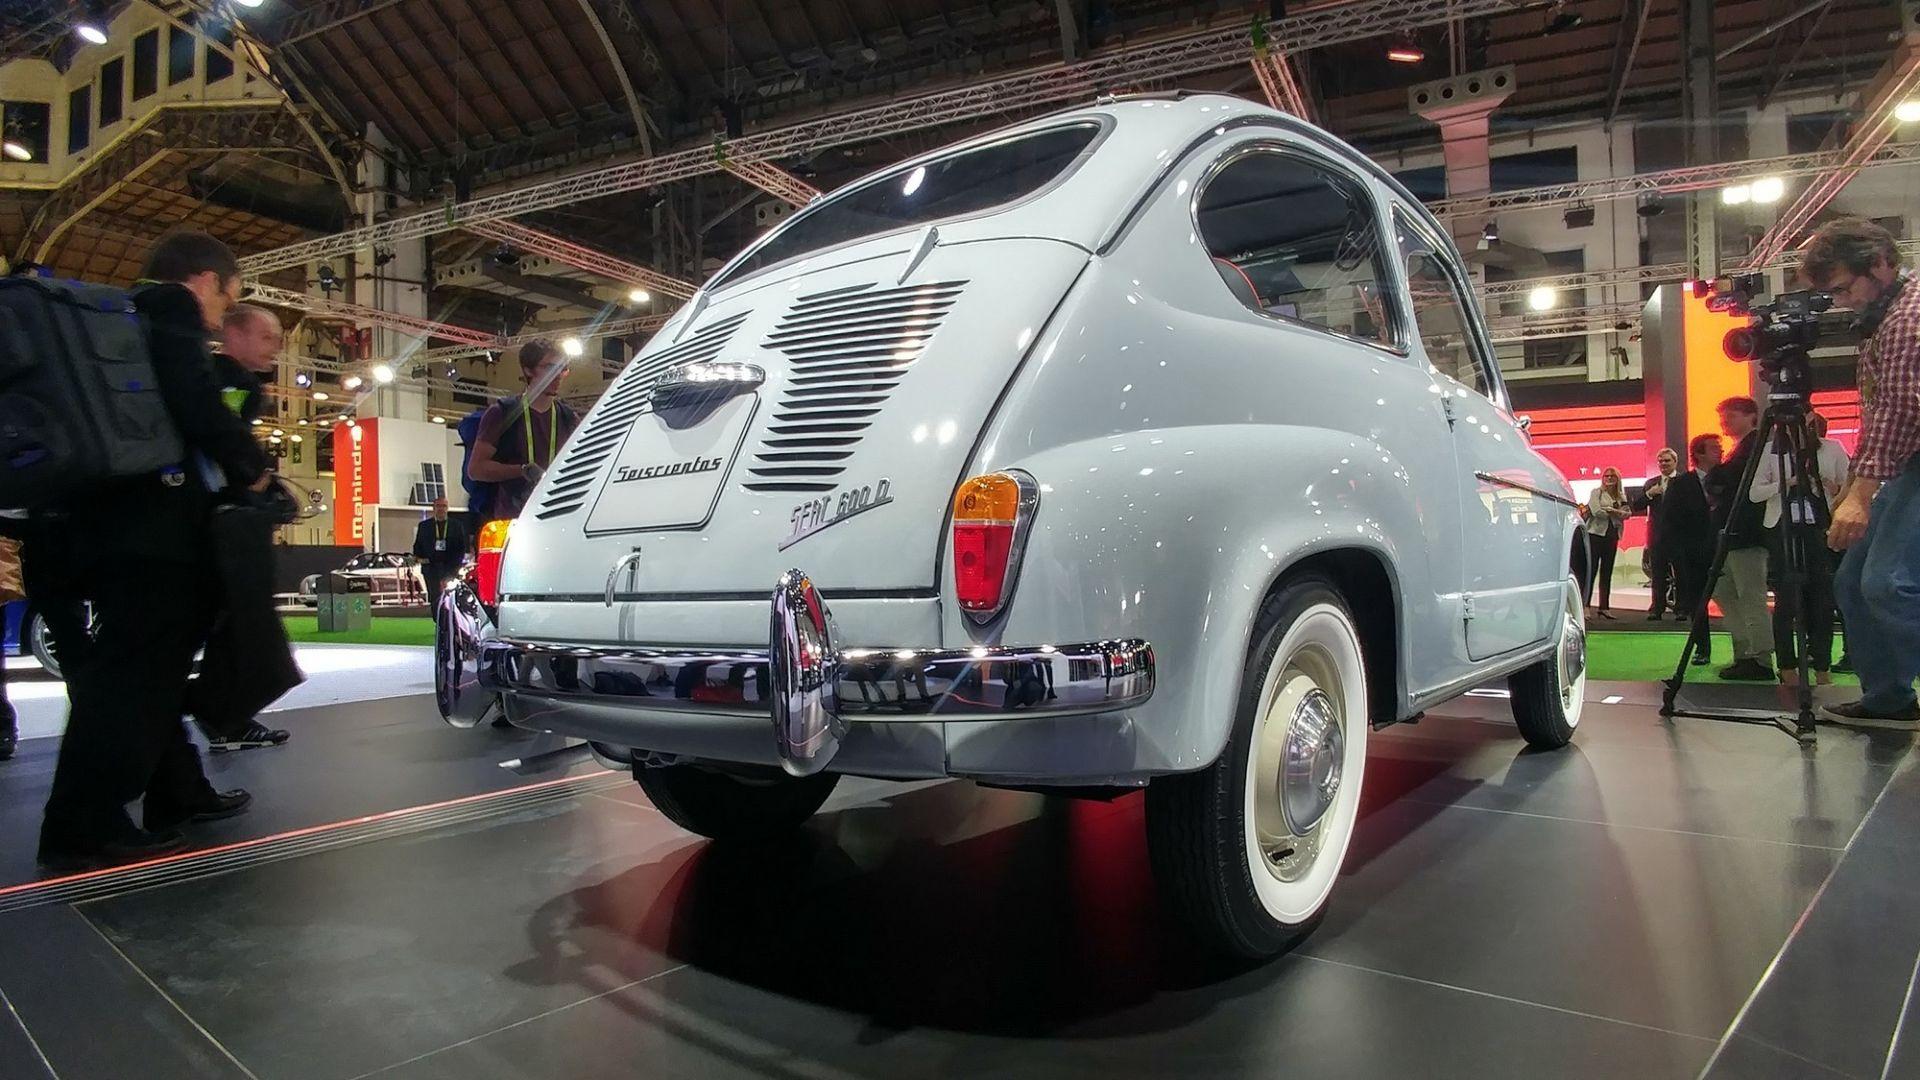 Vecchie auto con componenti moderne 568128-16x9-lg